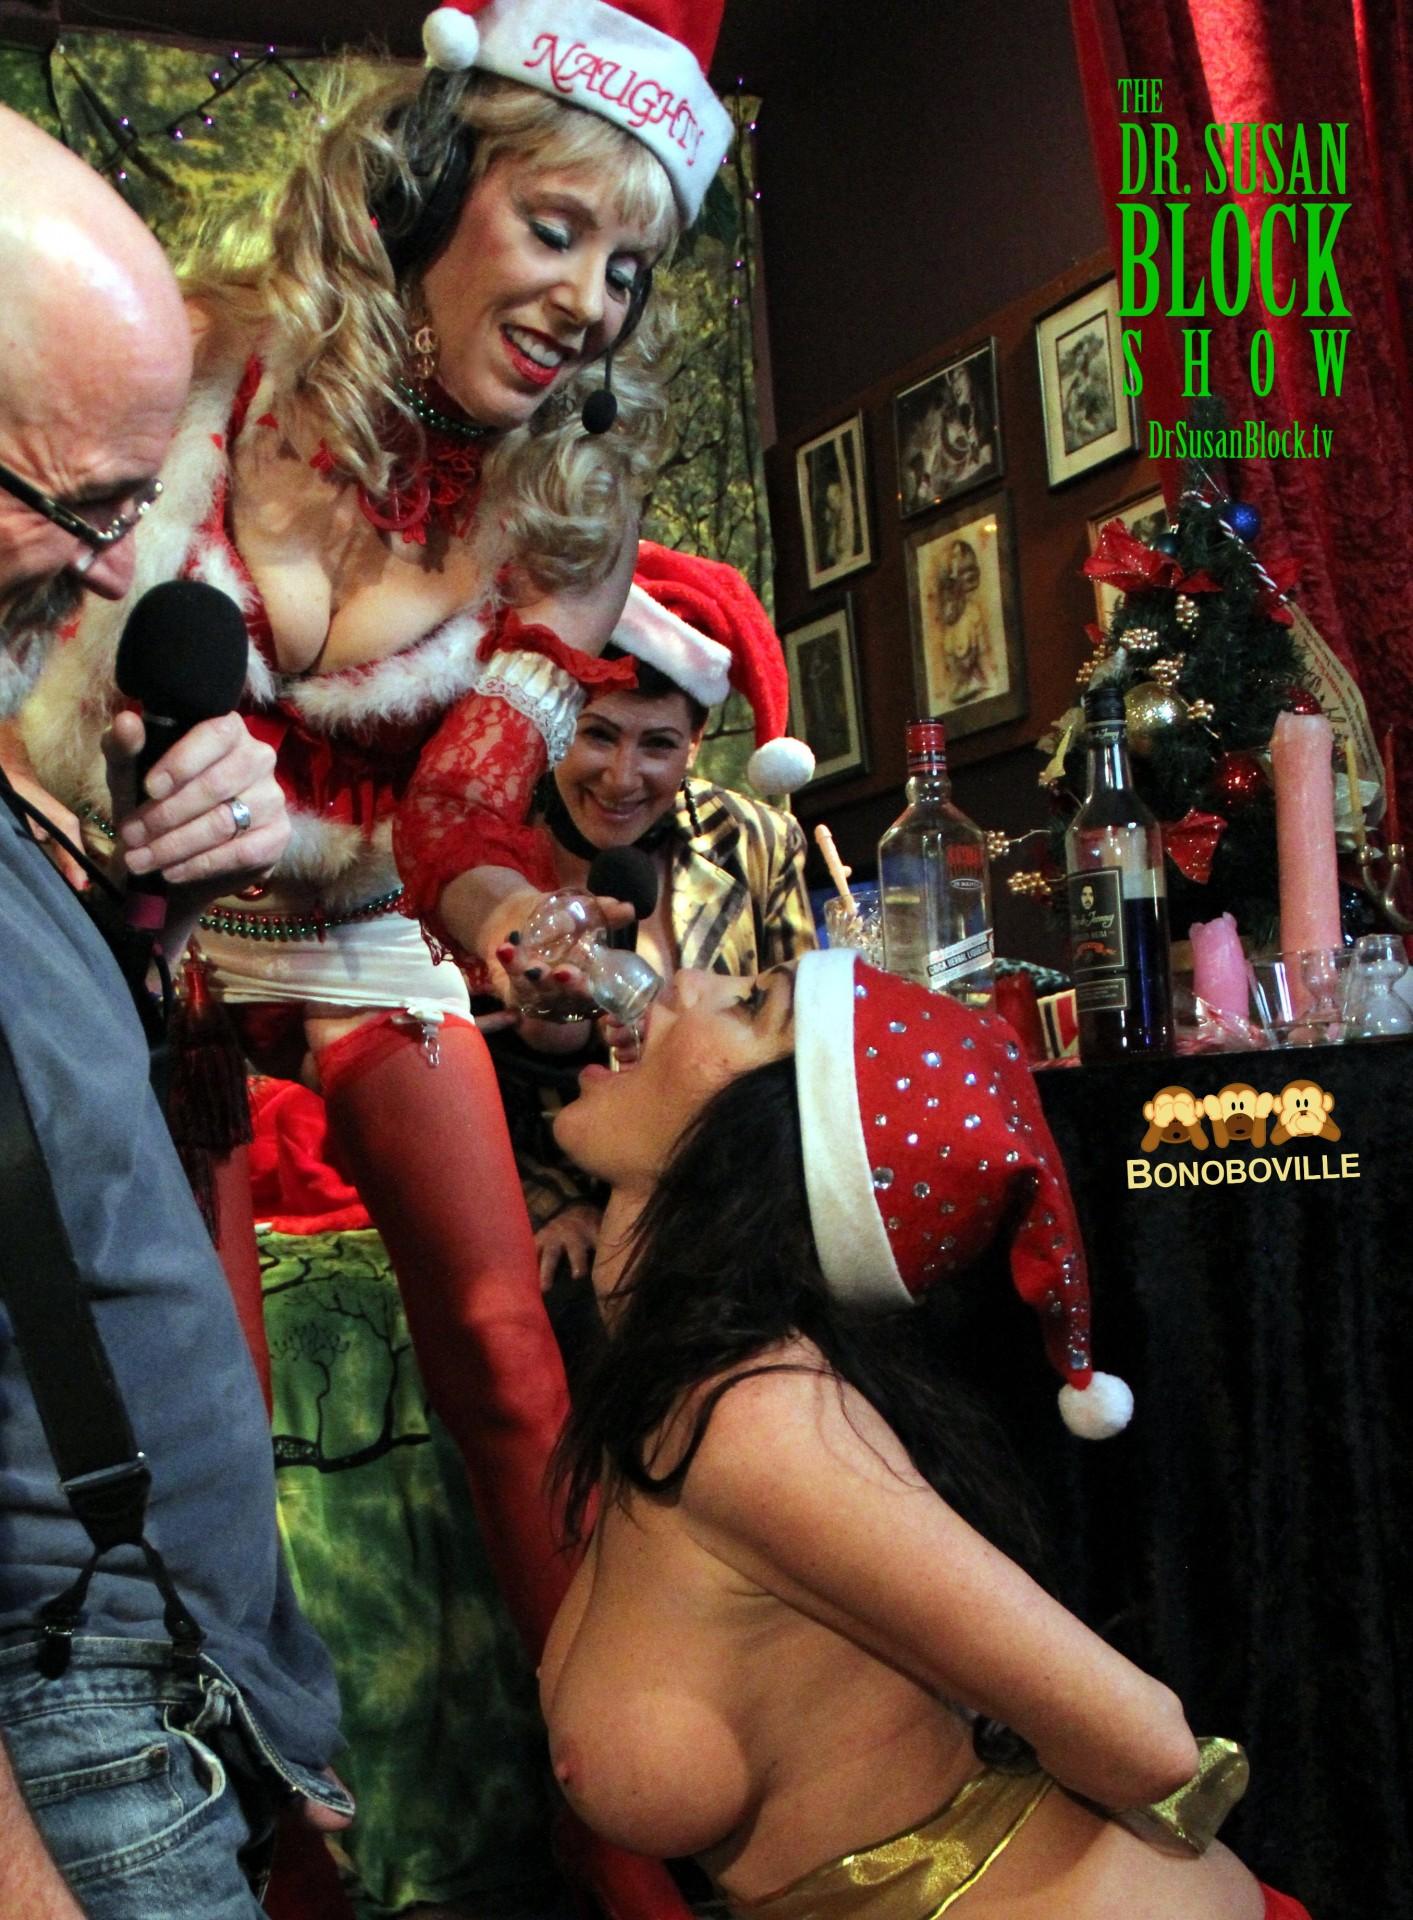 L'erotique provides the Xmax altar. Photo: Ono bo